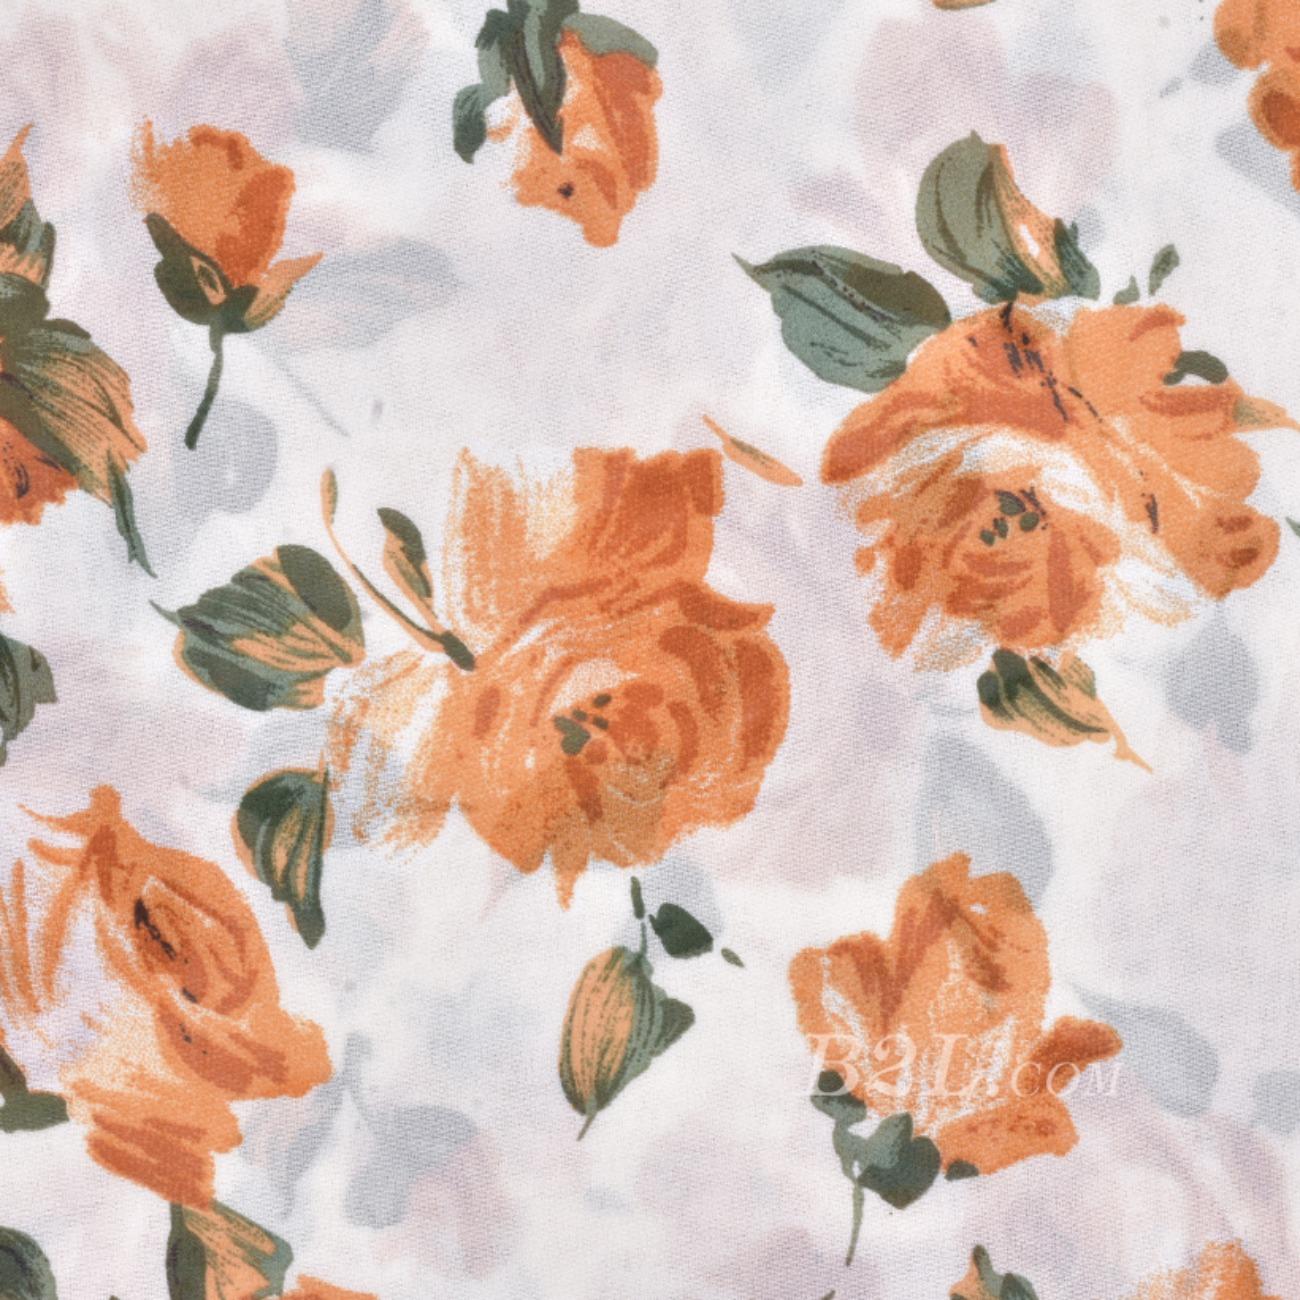 印花 梭织 染色 花朵 春夏 连衣裙 衬衫 S372